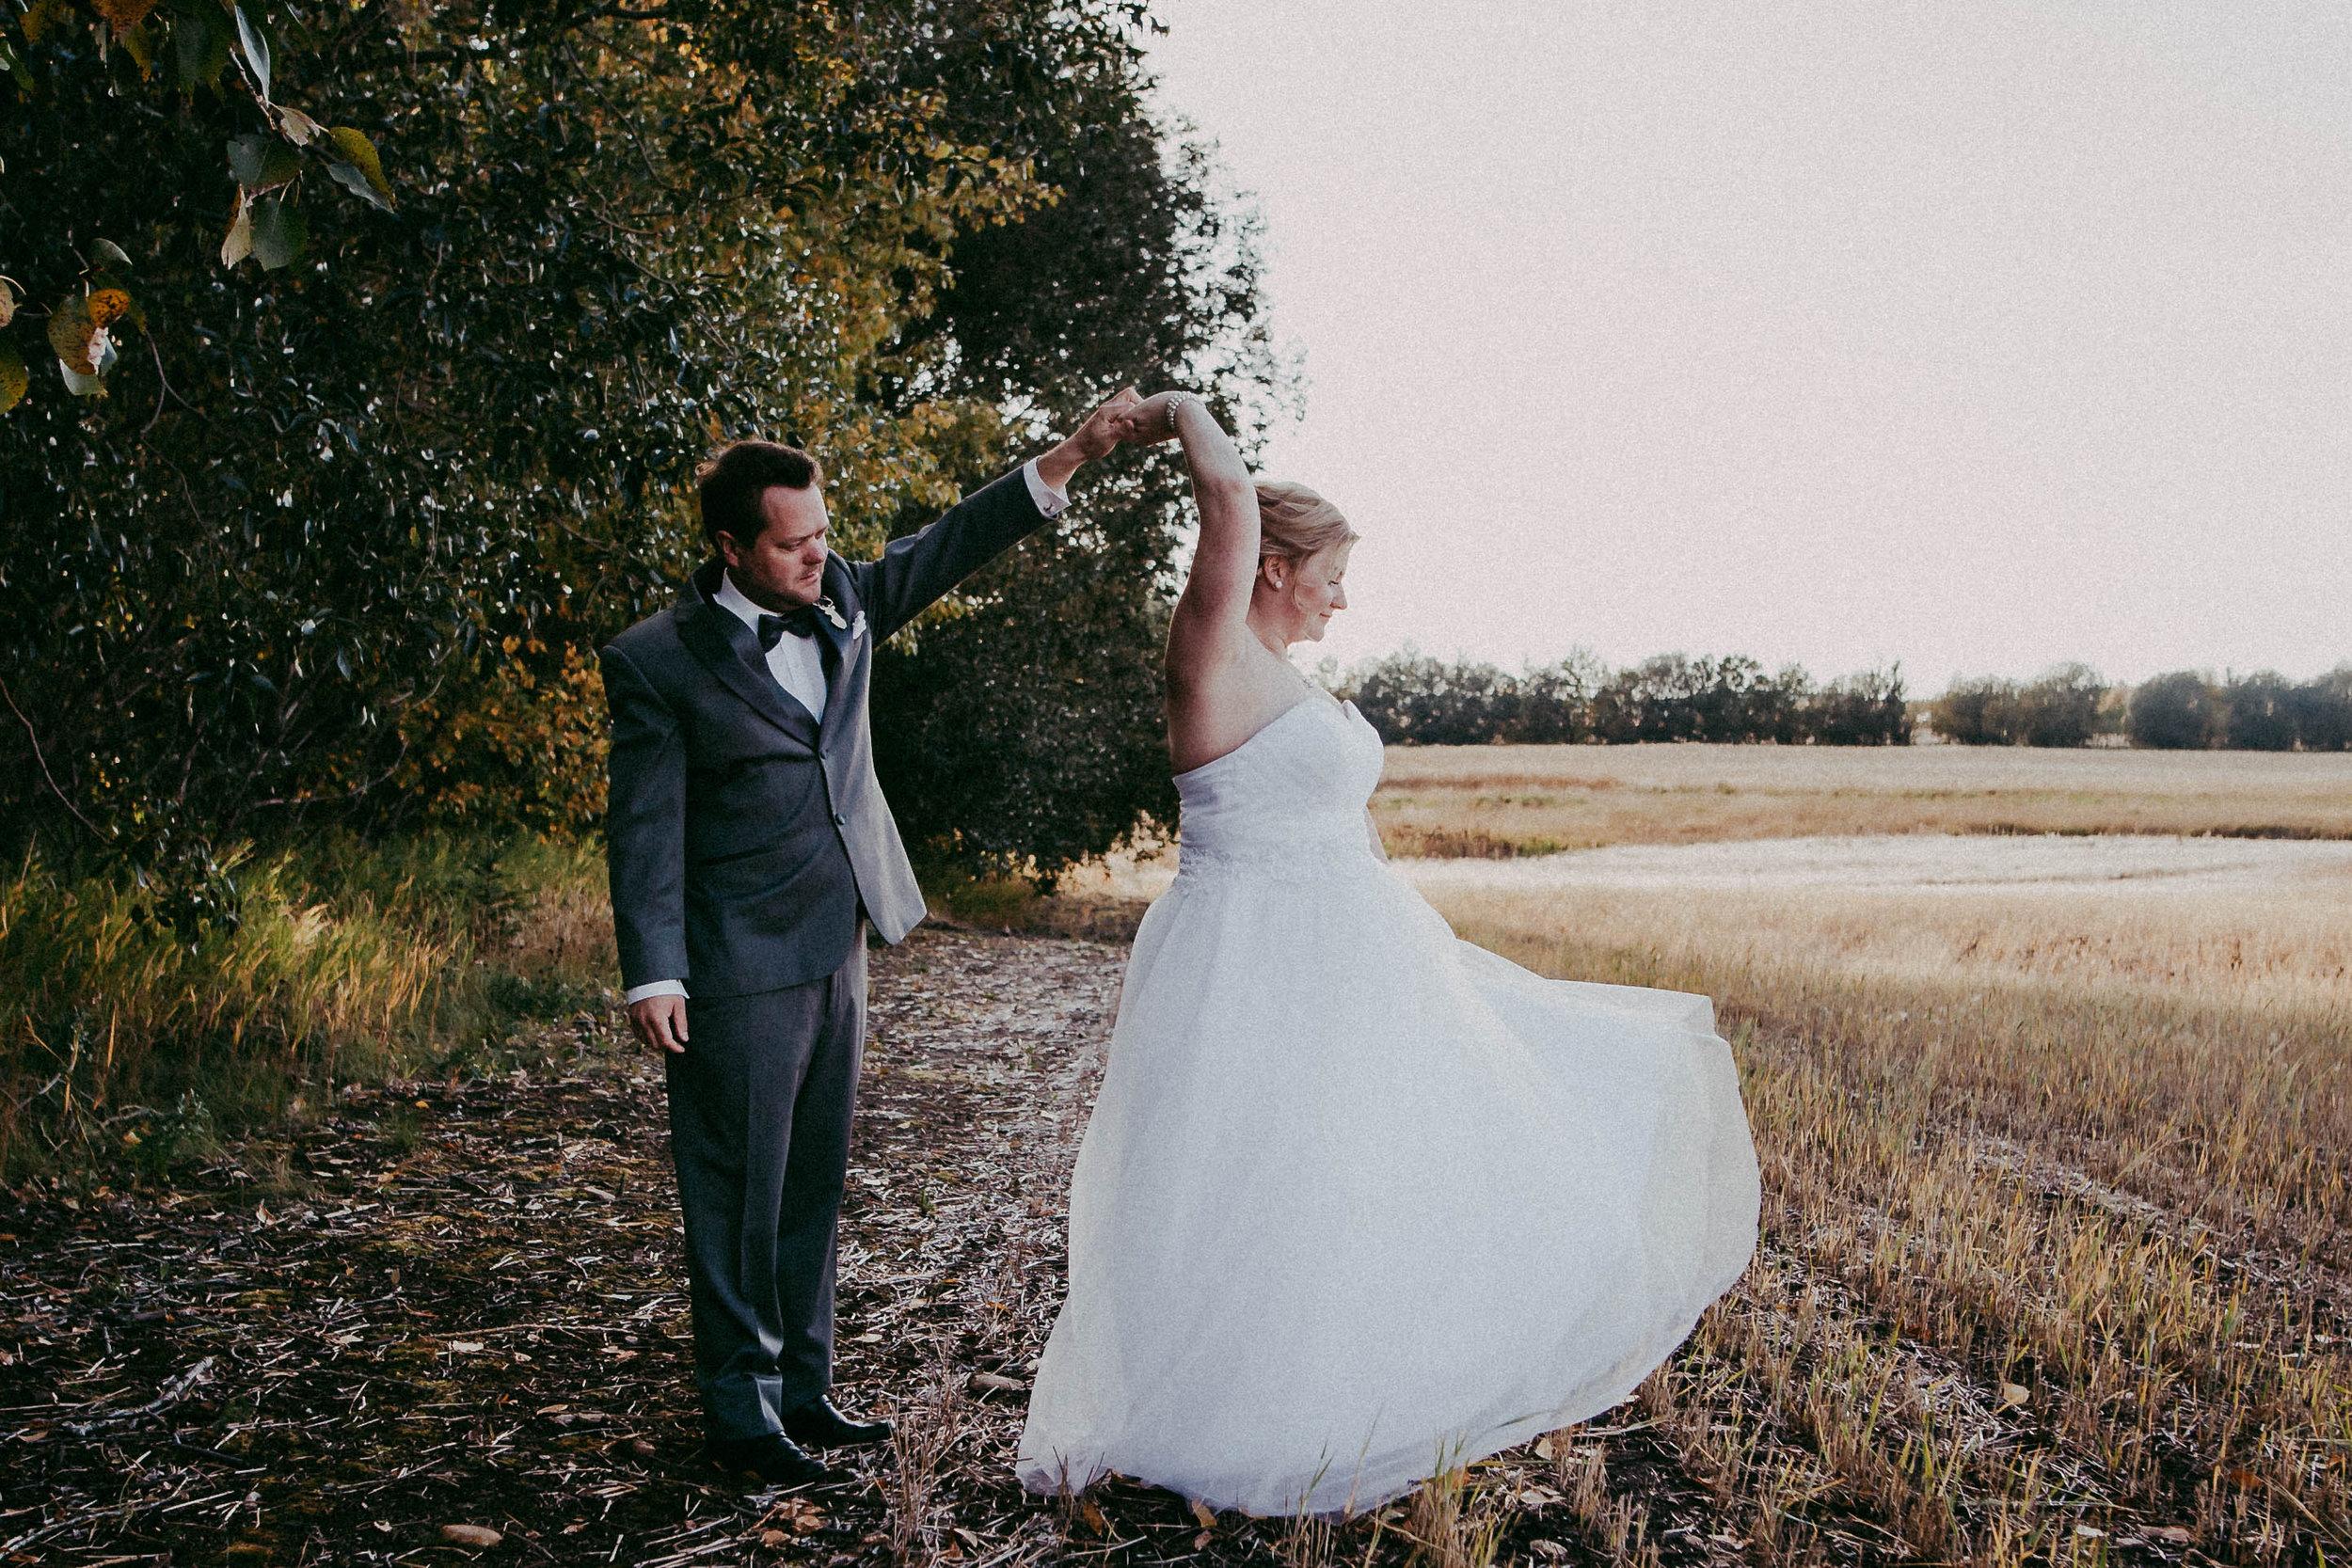 Groom dancing with bride | edmonton photographer